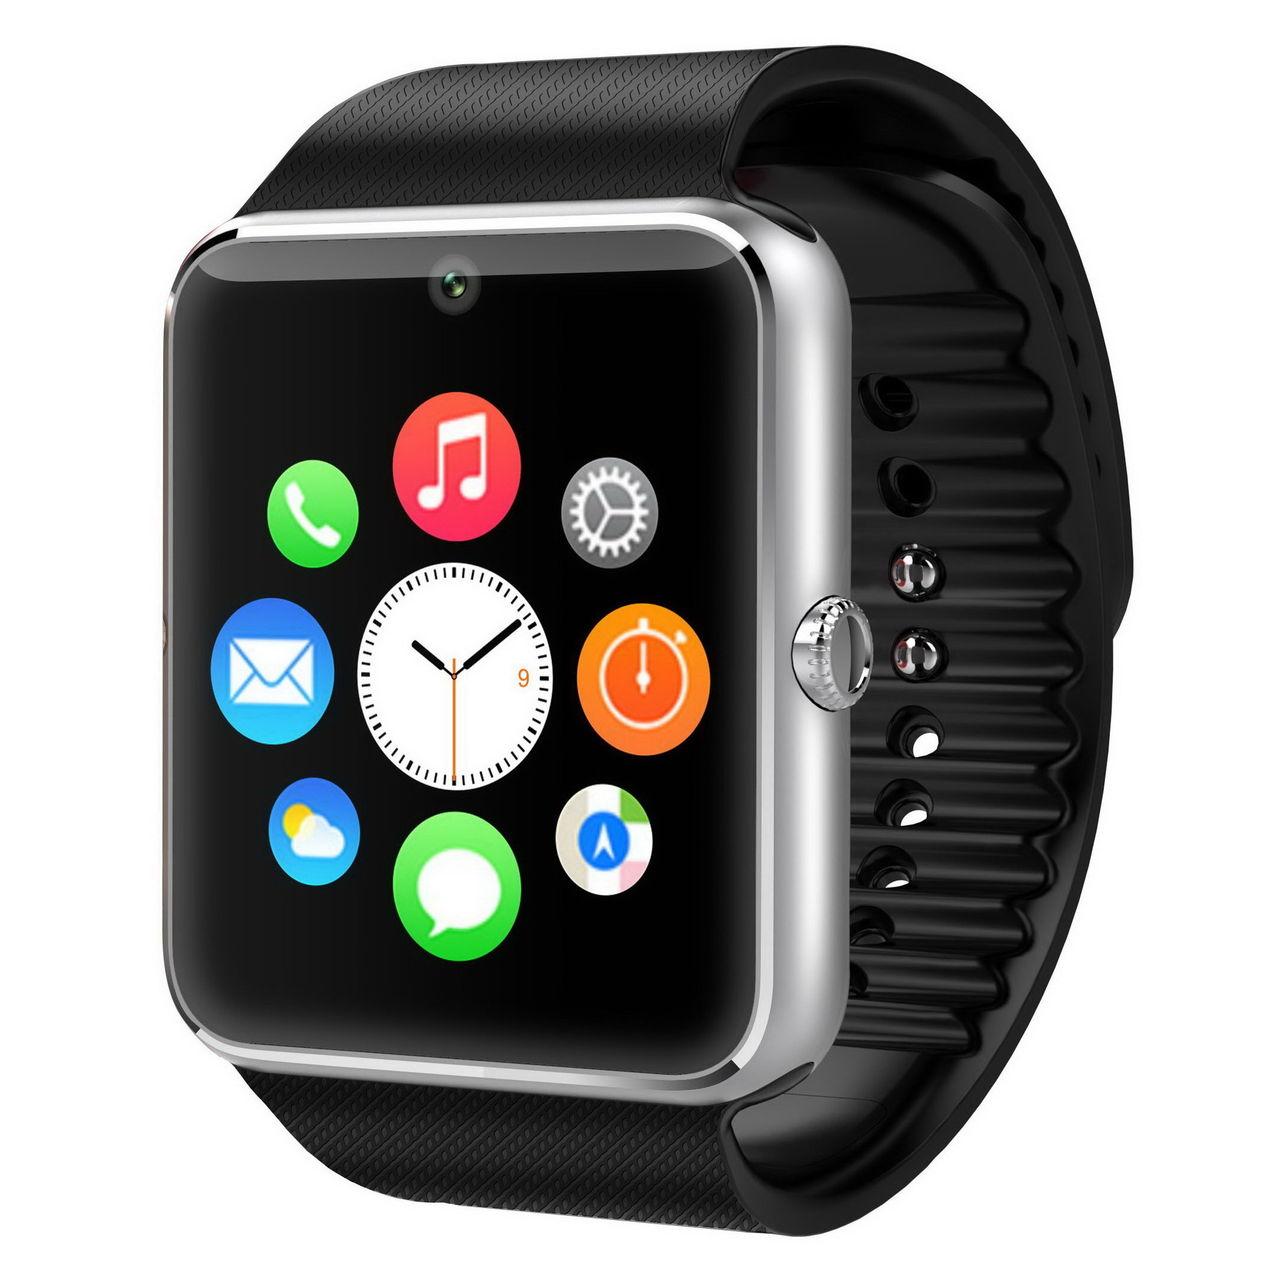 А к году средства биометрической аутентификации получат абсолютно все смарт-часы, смартфоны и планшеты, считают в acuity market intelligence.